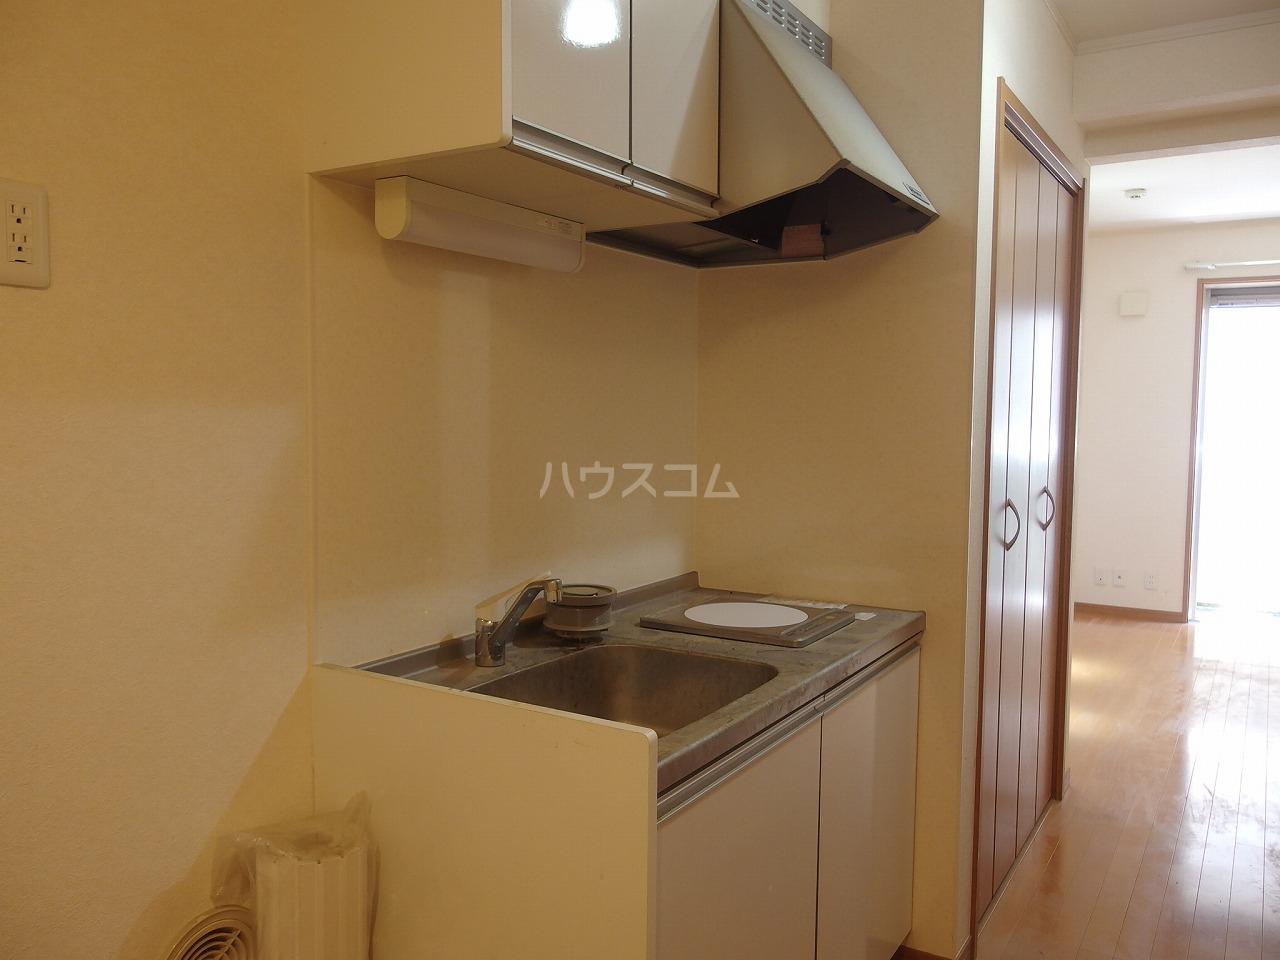 コート・ドールA 102号室のキッチン